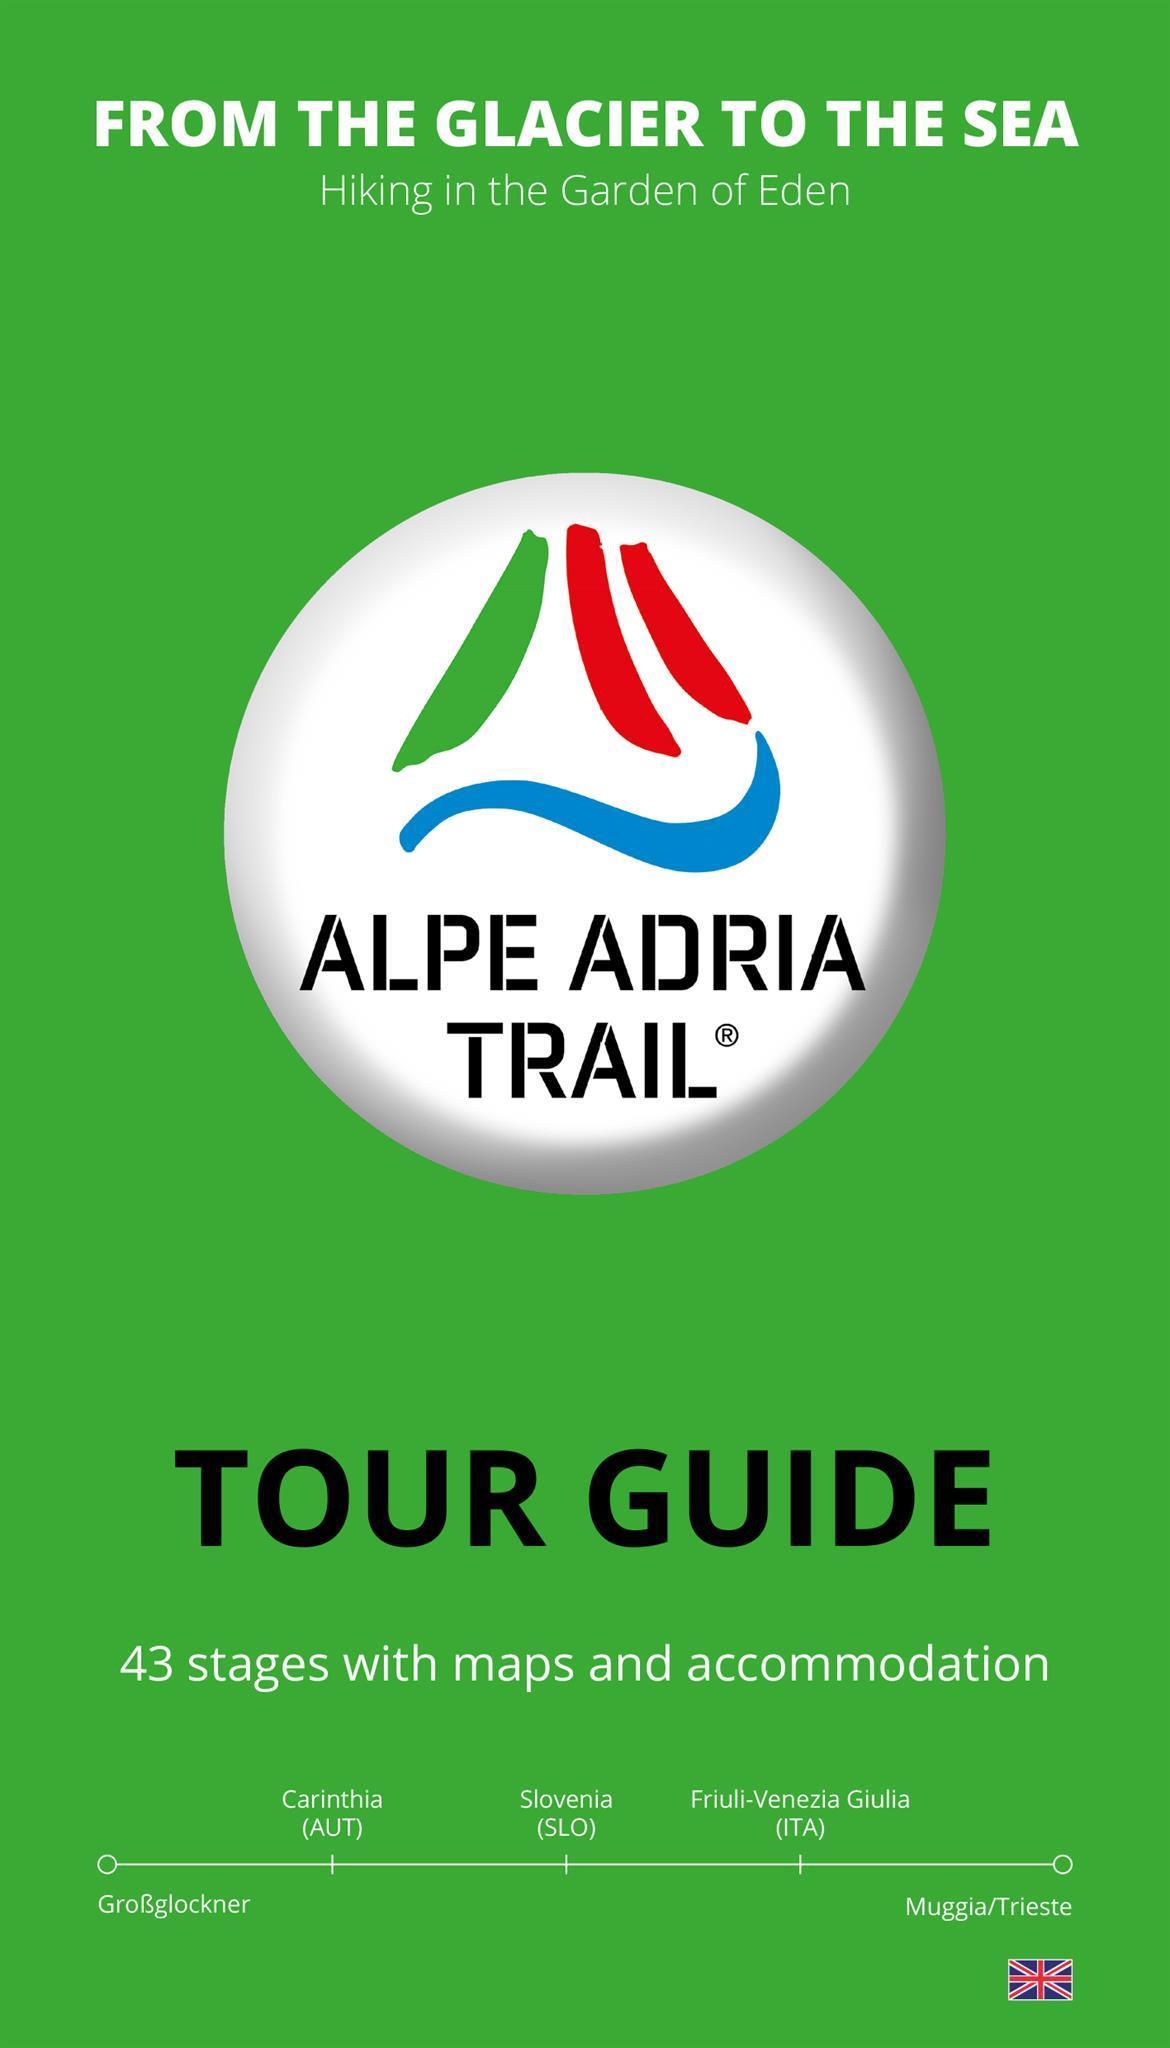 Alpe Adria Trail(© Kärnten Werbung)